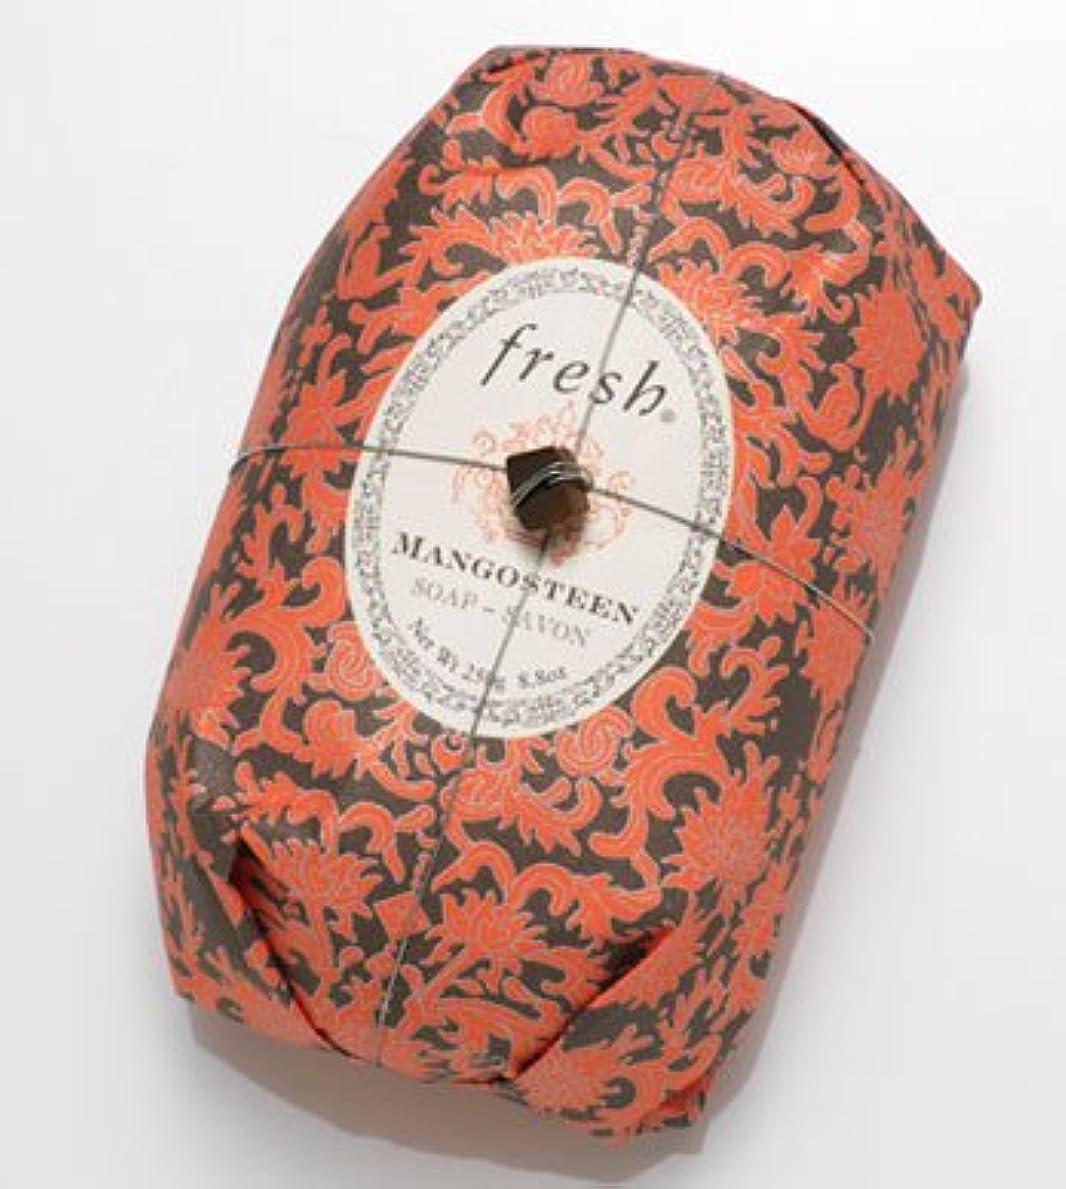 撤回する登場調整するFresh MANGOSTEEN SOAP (フレッシュ マンゴスチーン ソープ) 8.8 oz (250g) Soap (石鹸) by Fresh